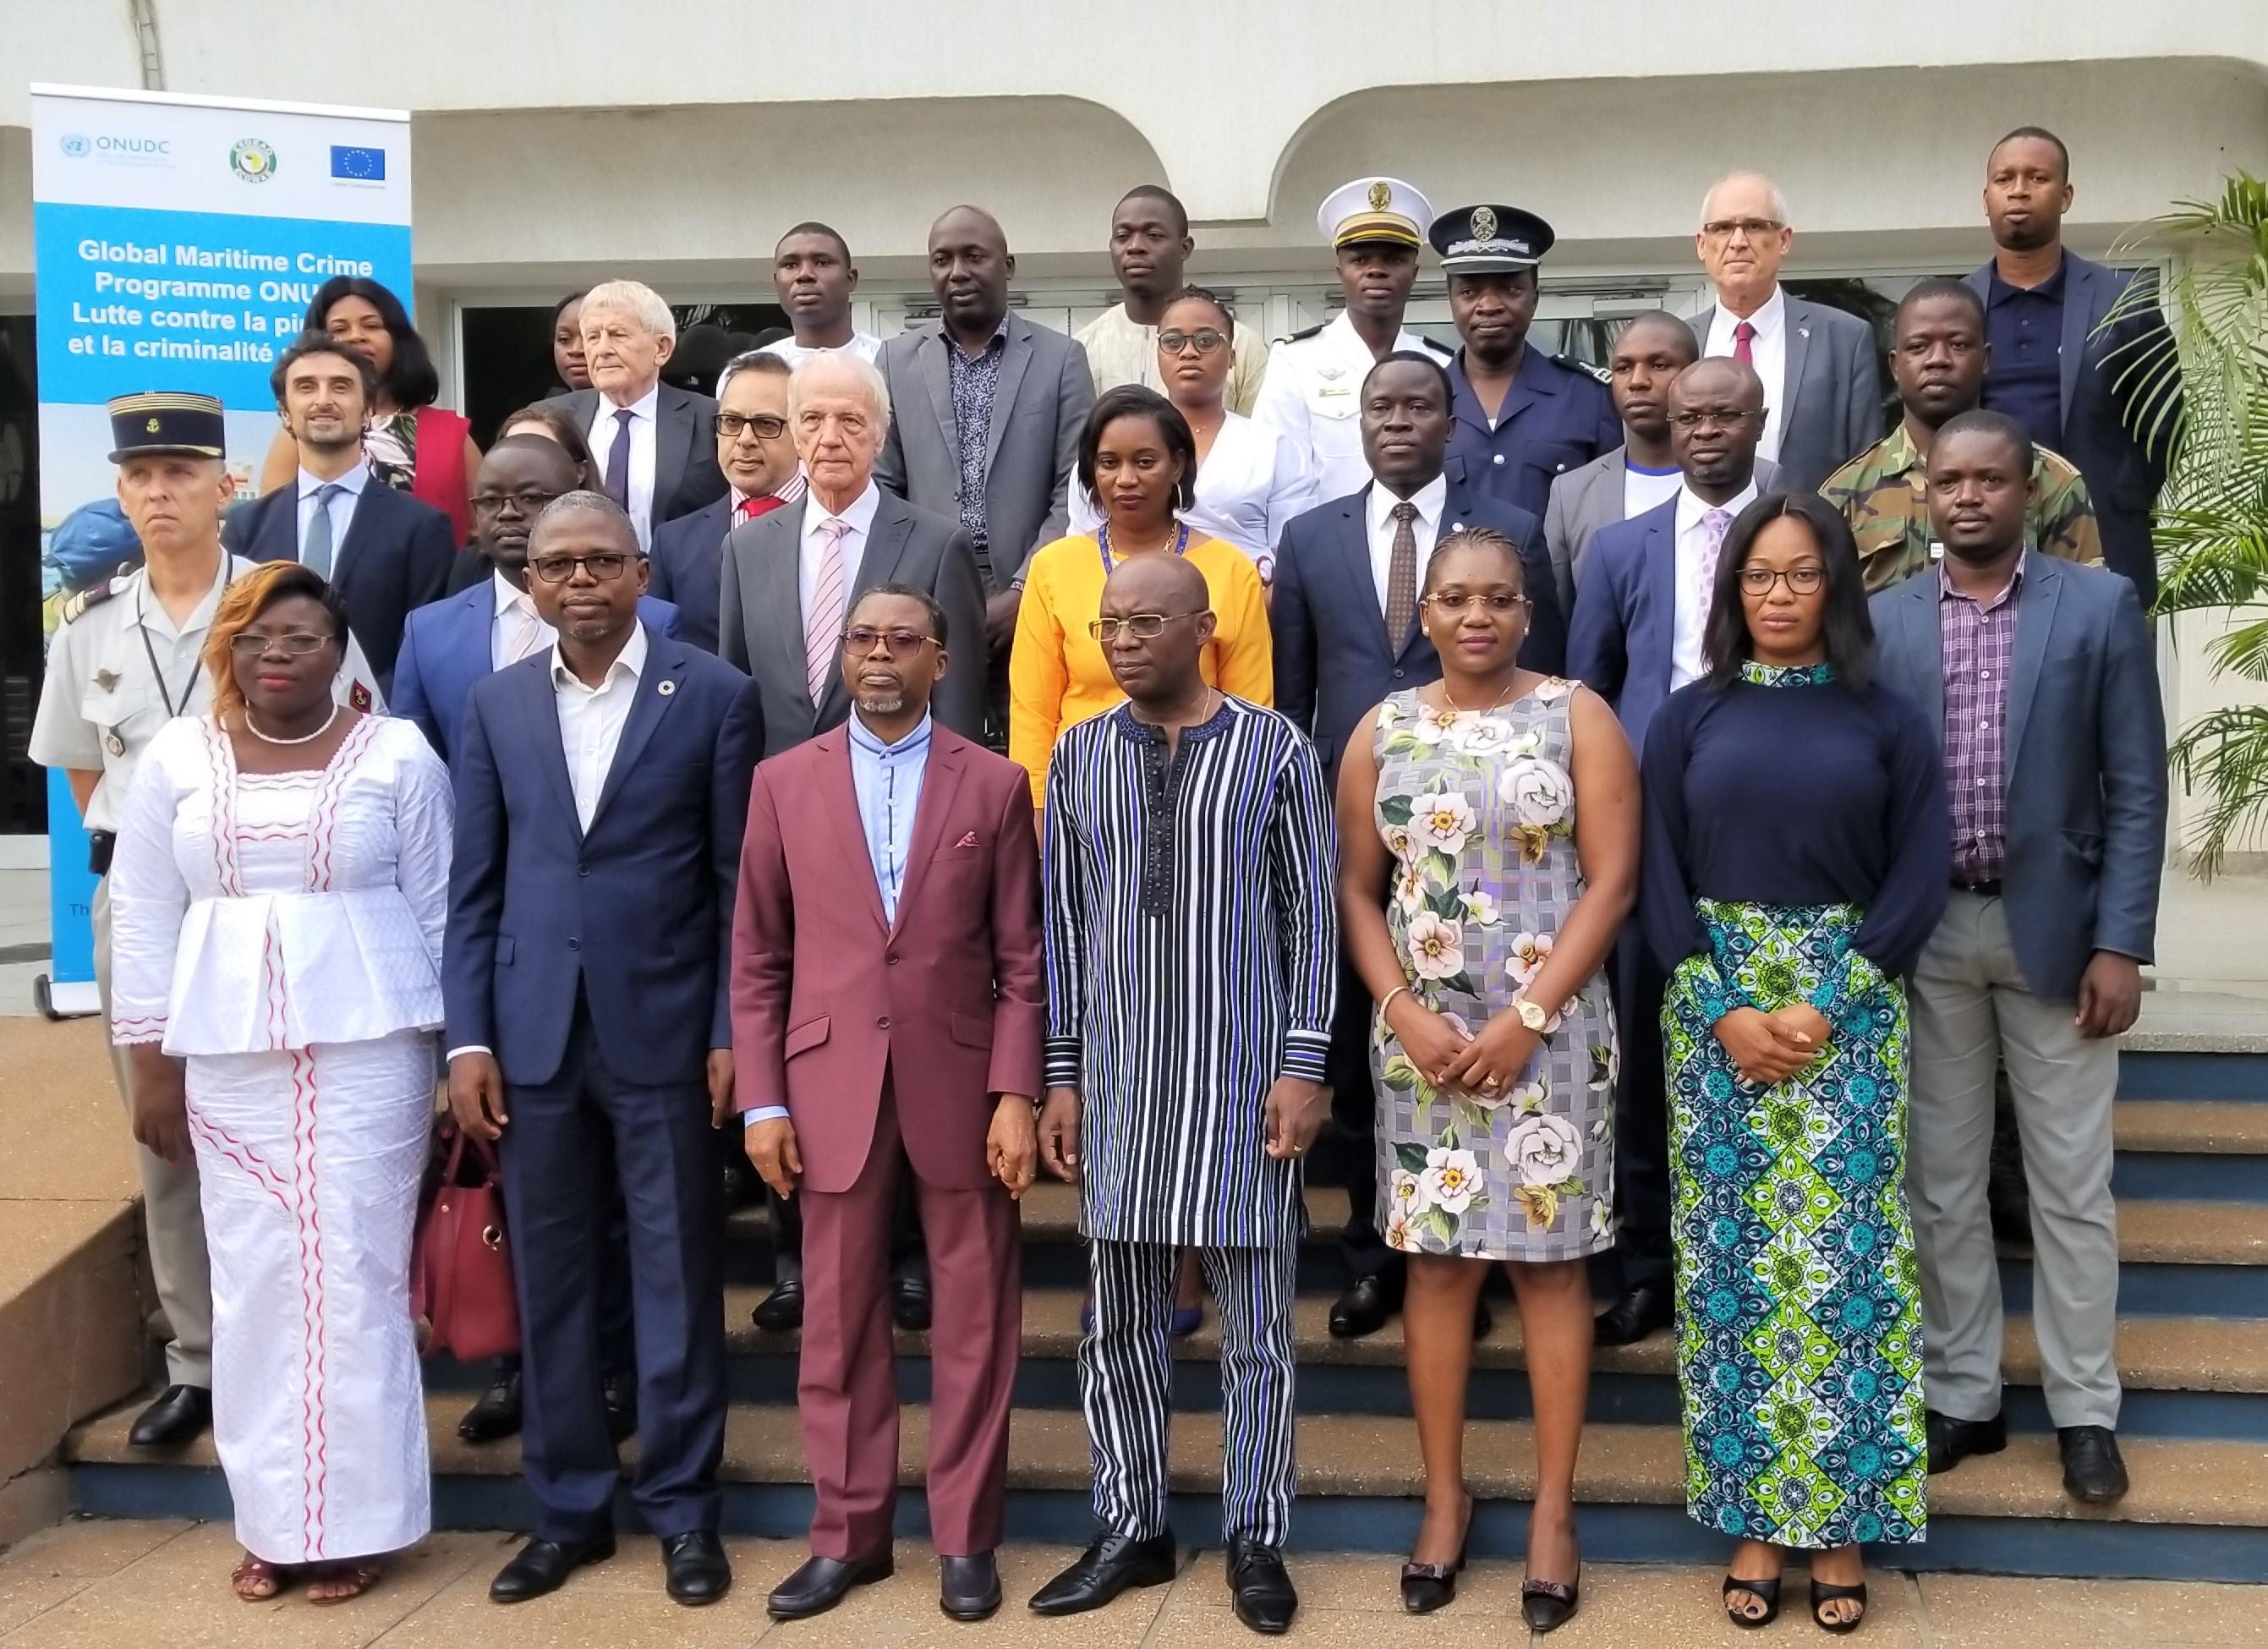 Droit maritime: Des experts togolais formés sur la criminalité maritime